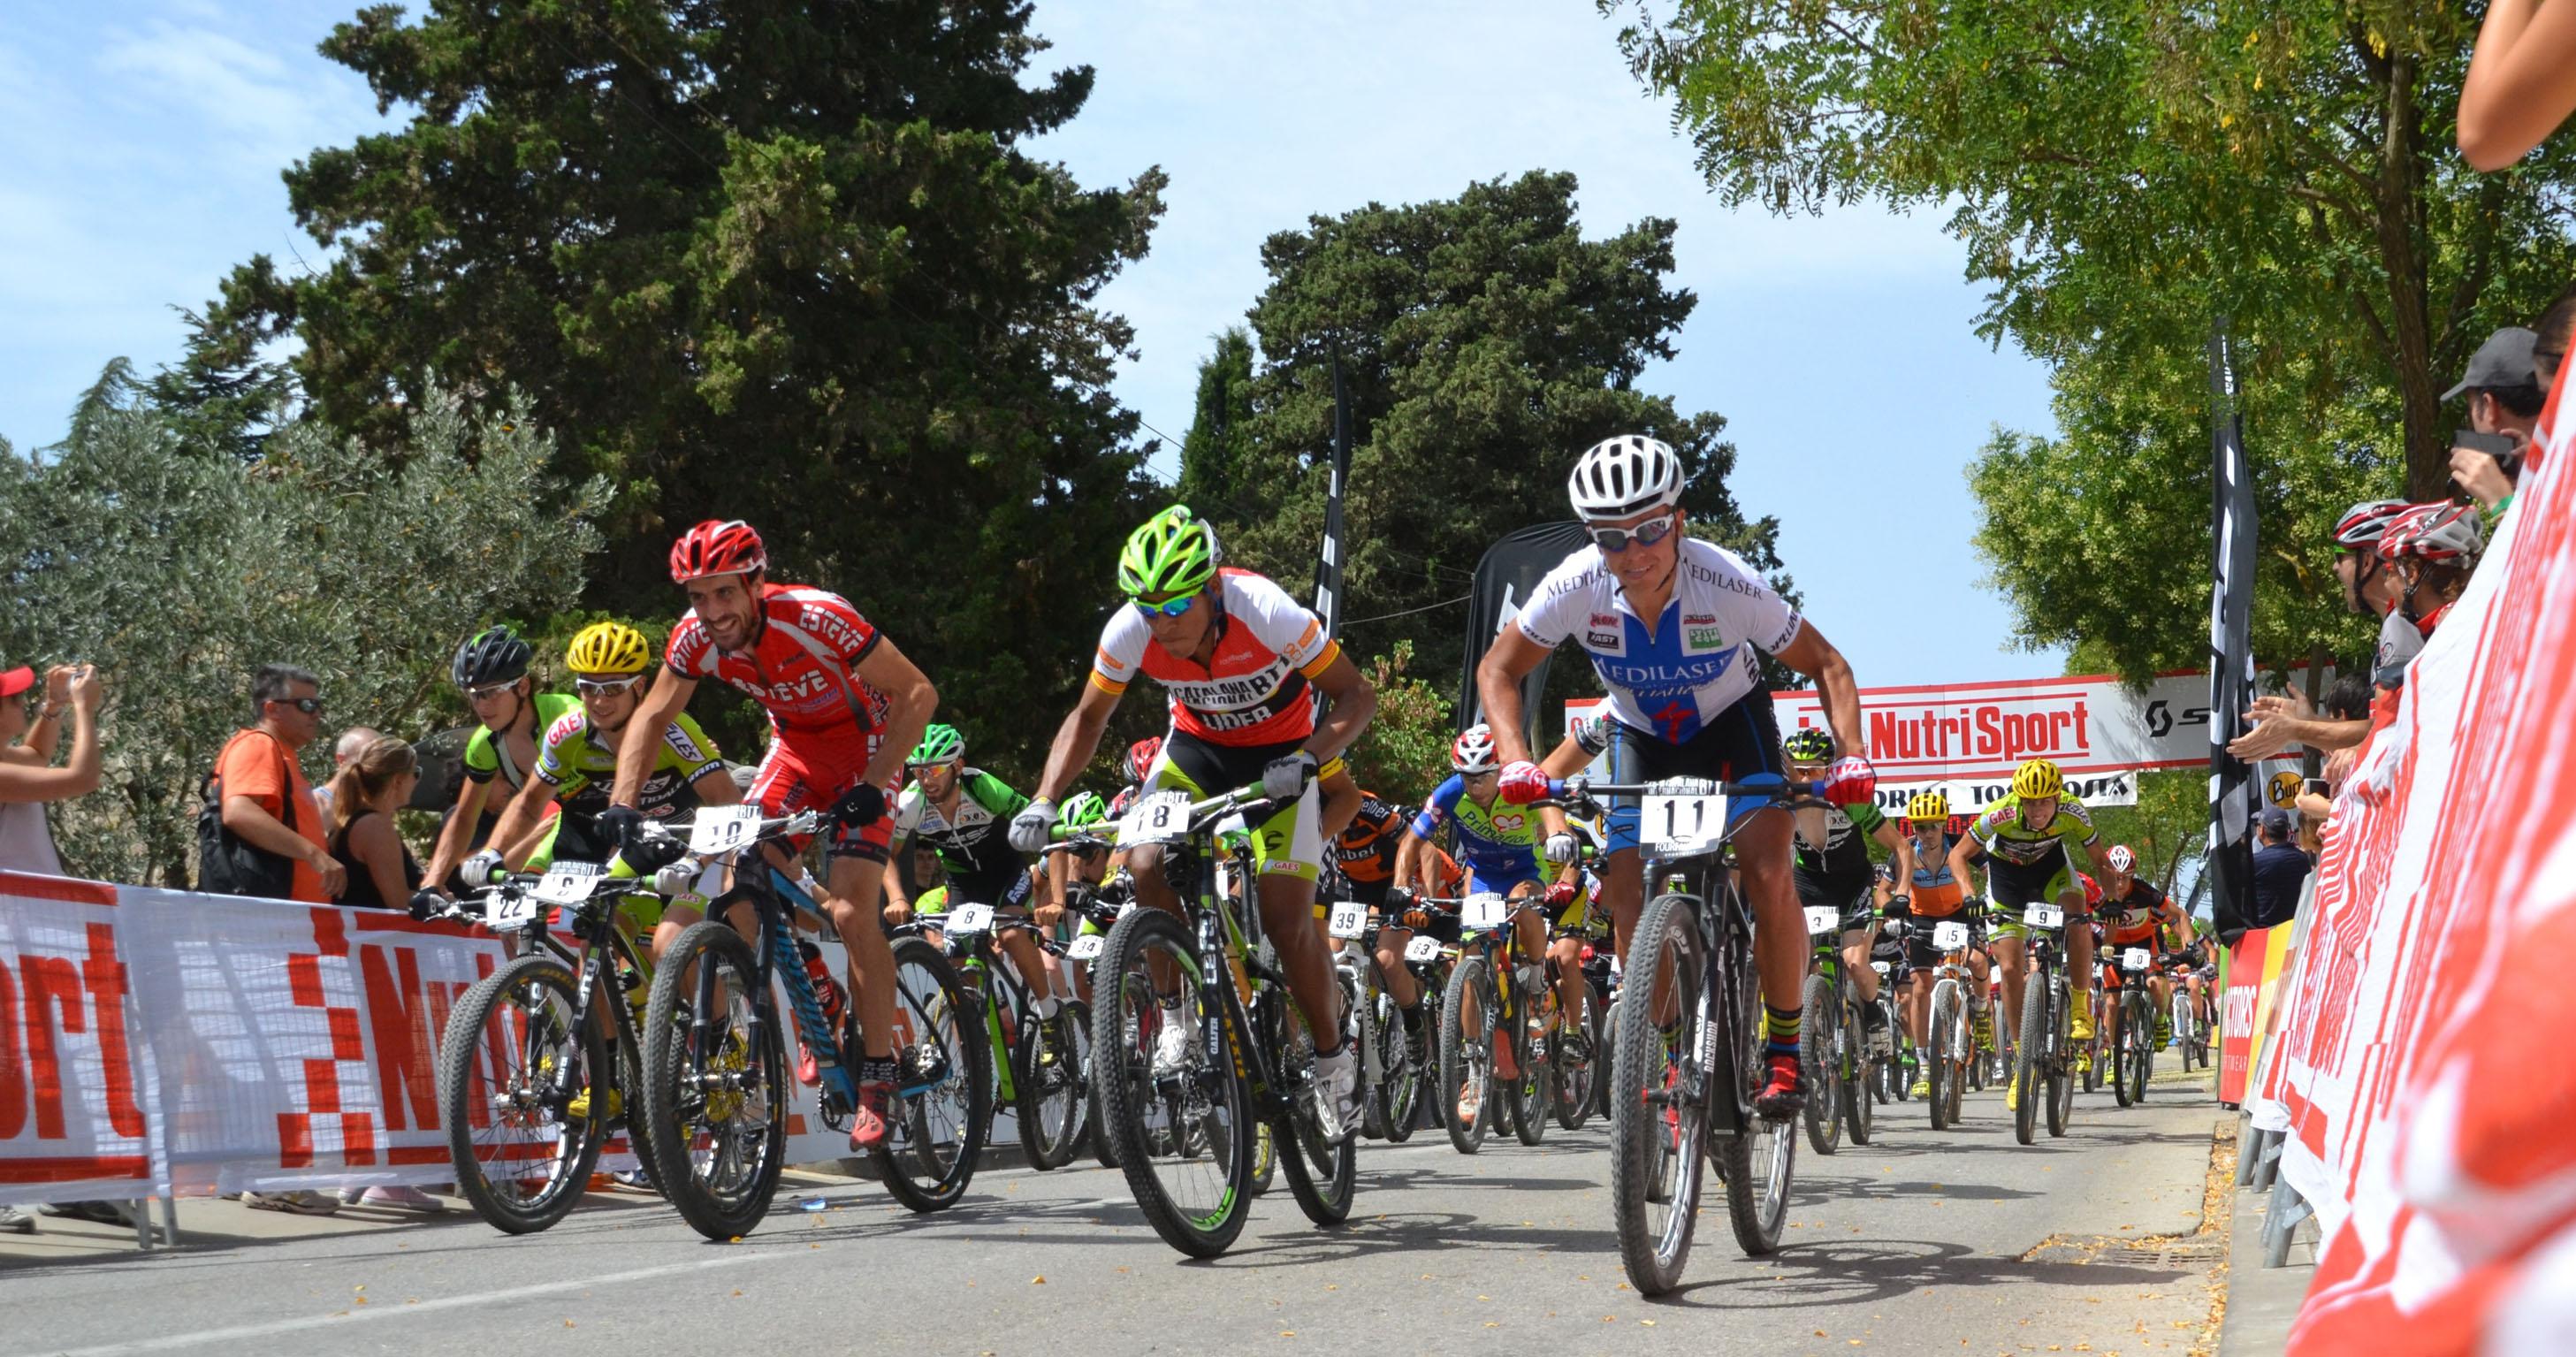 La Copa Catalana Internacional Biking Point de BTT es desplaça a Corró d'Amunt aquest cap de setmana